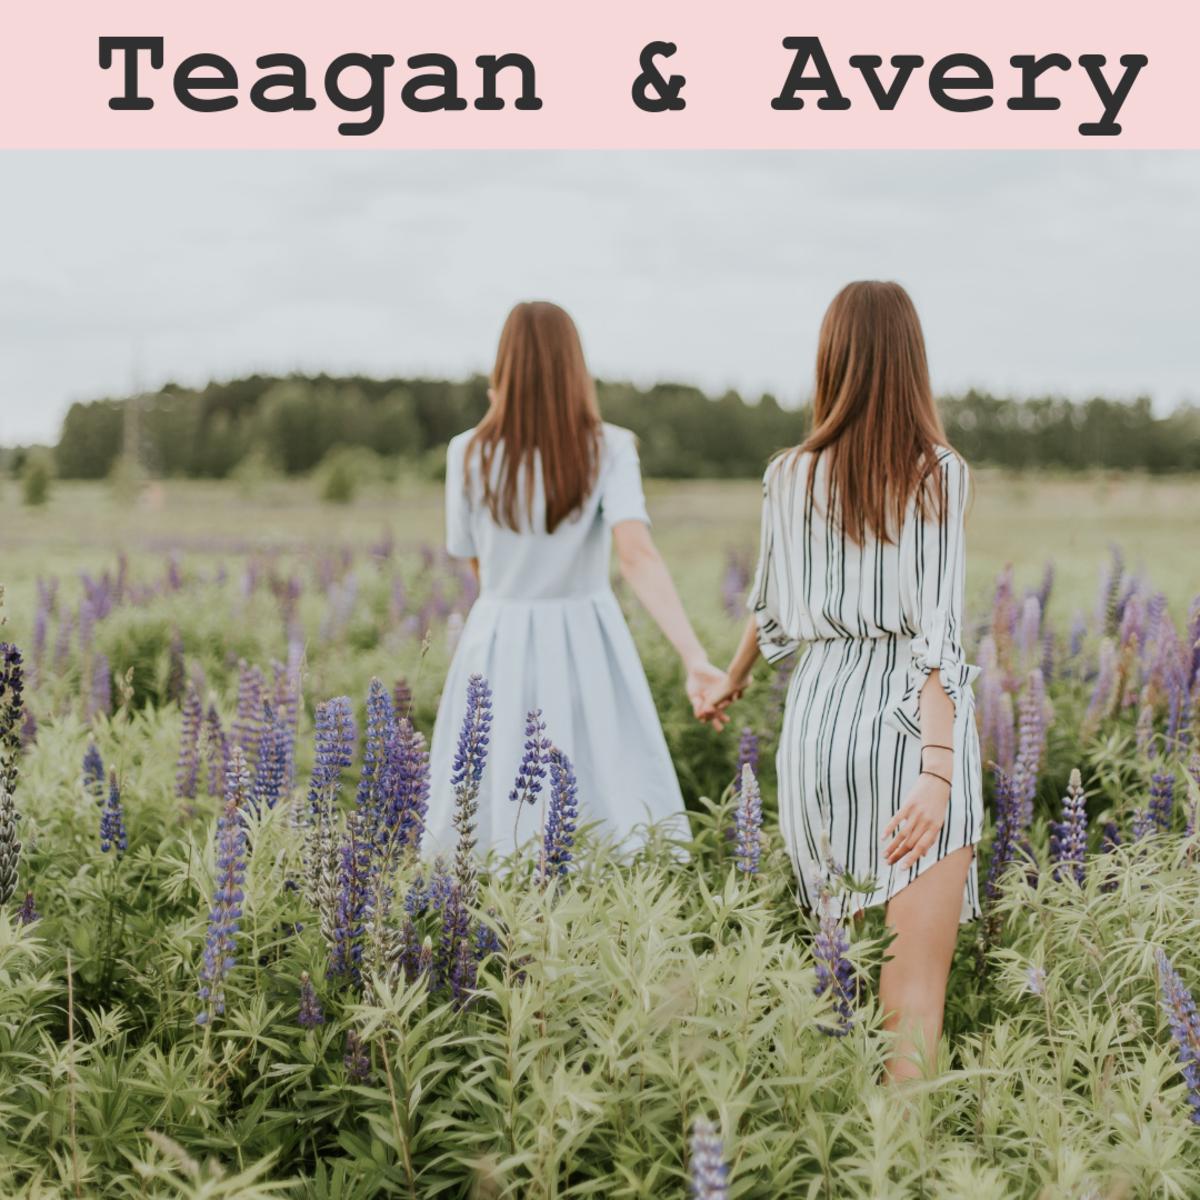 Teagan and Avery